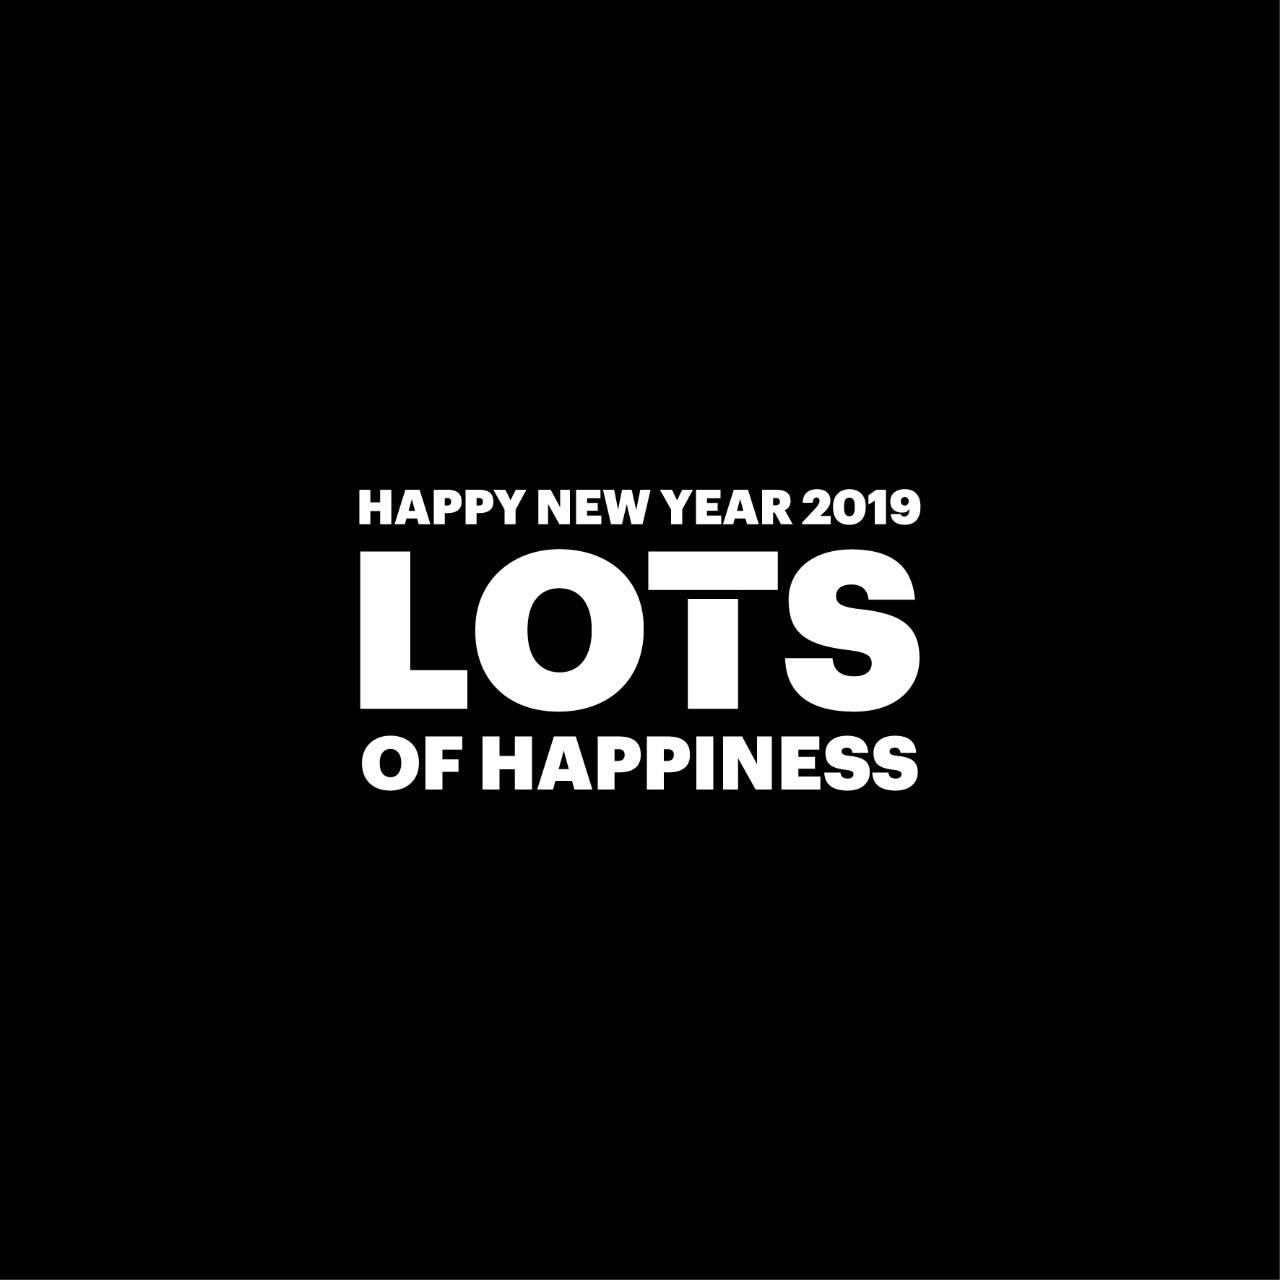 HAPPY NEW YEAR 2019 : SLOT